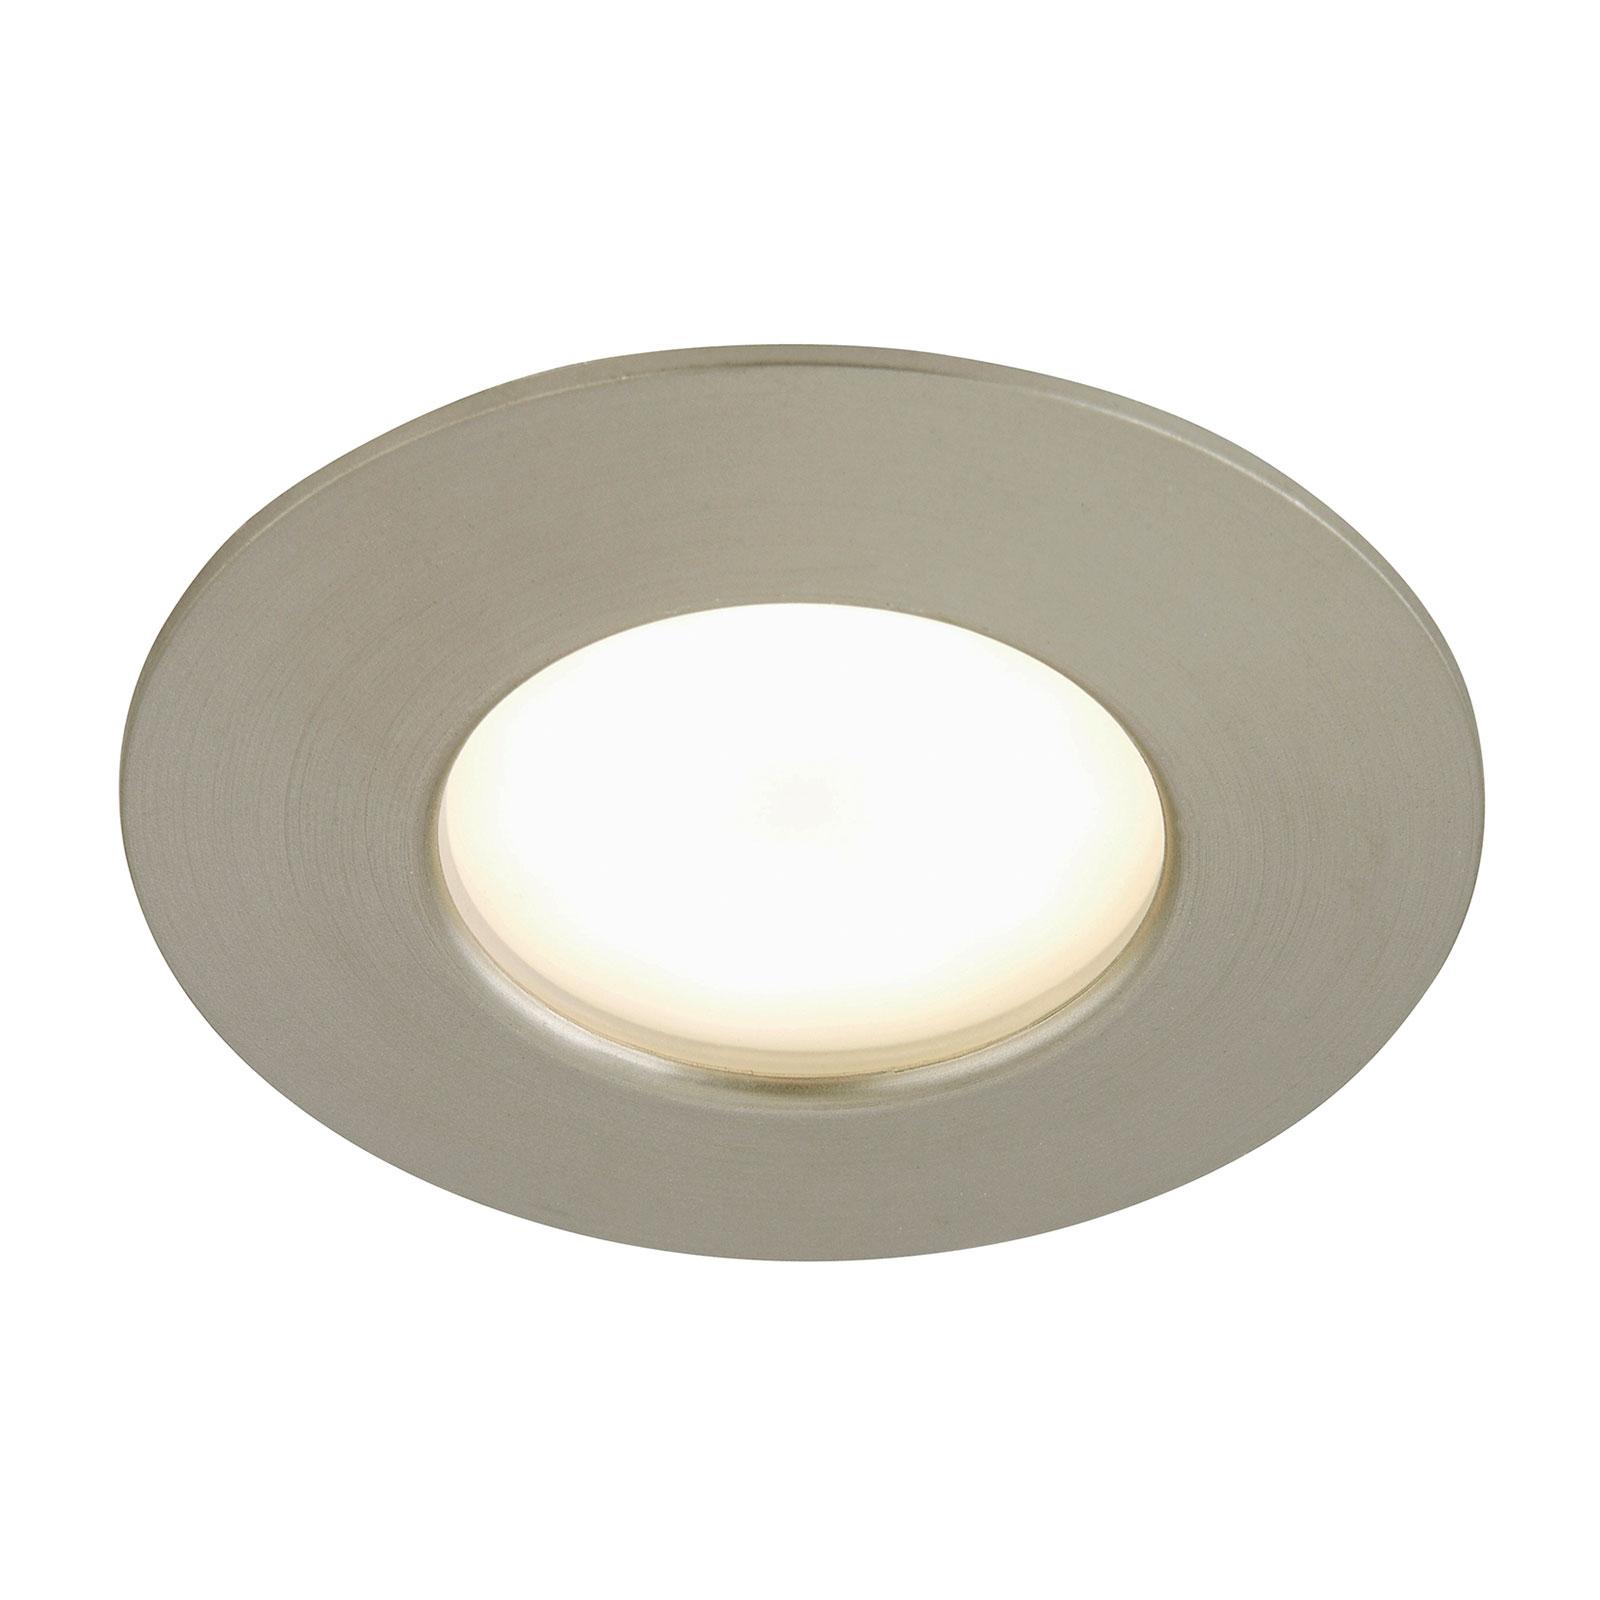 Felia - LED-innbyggingslampe IP44, nikkel matt